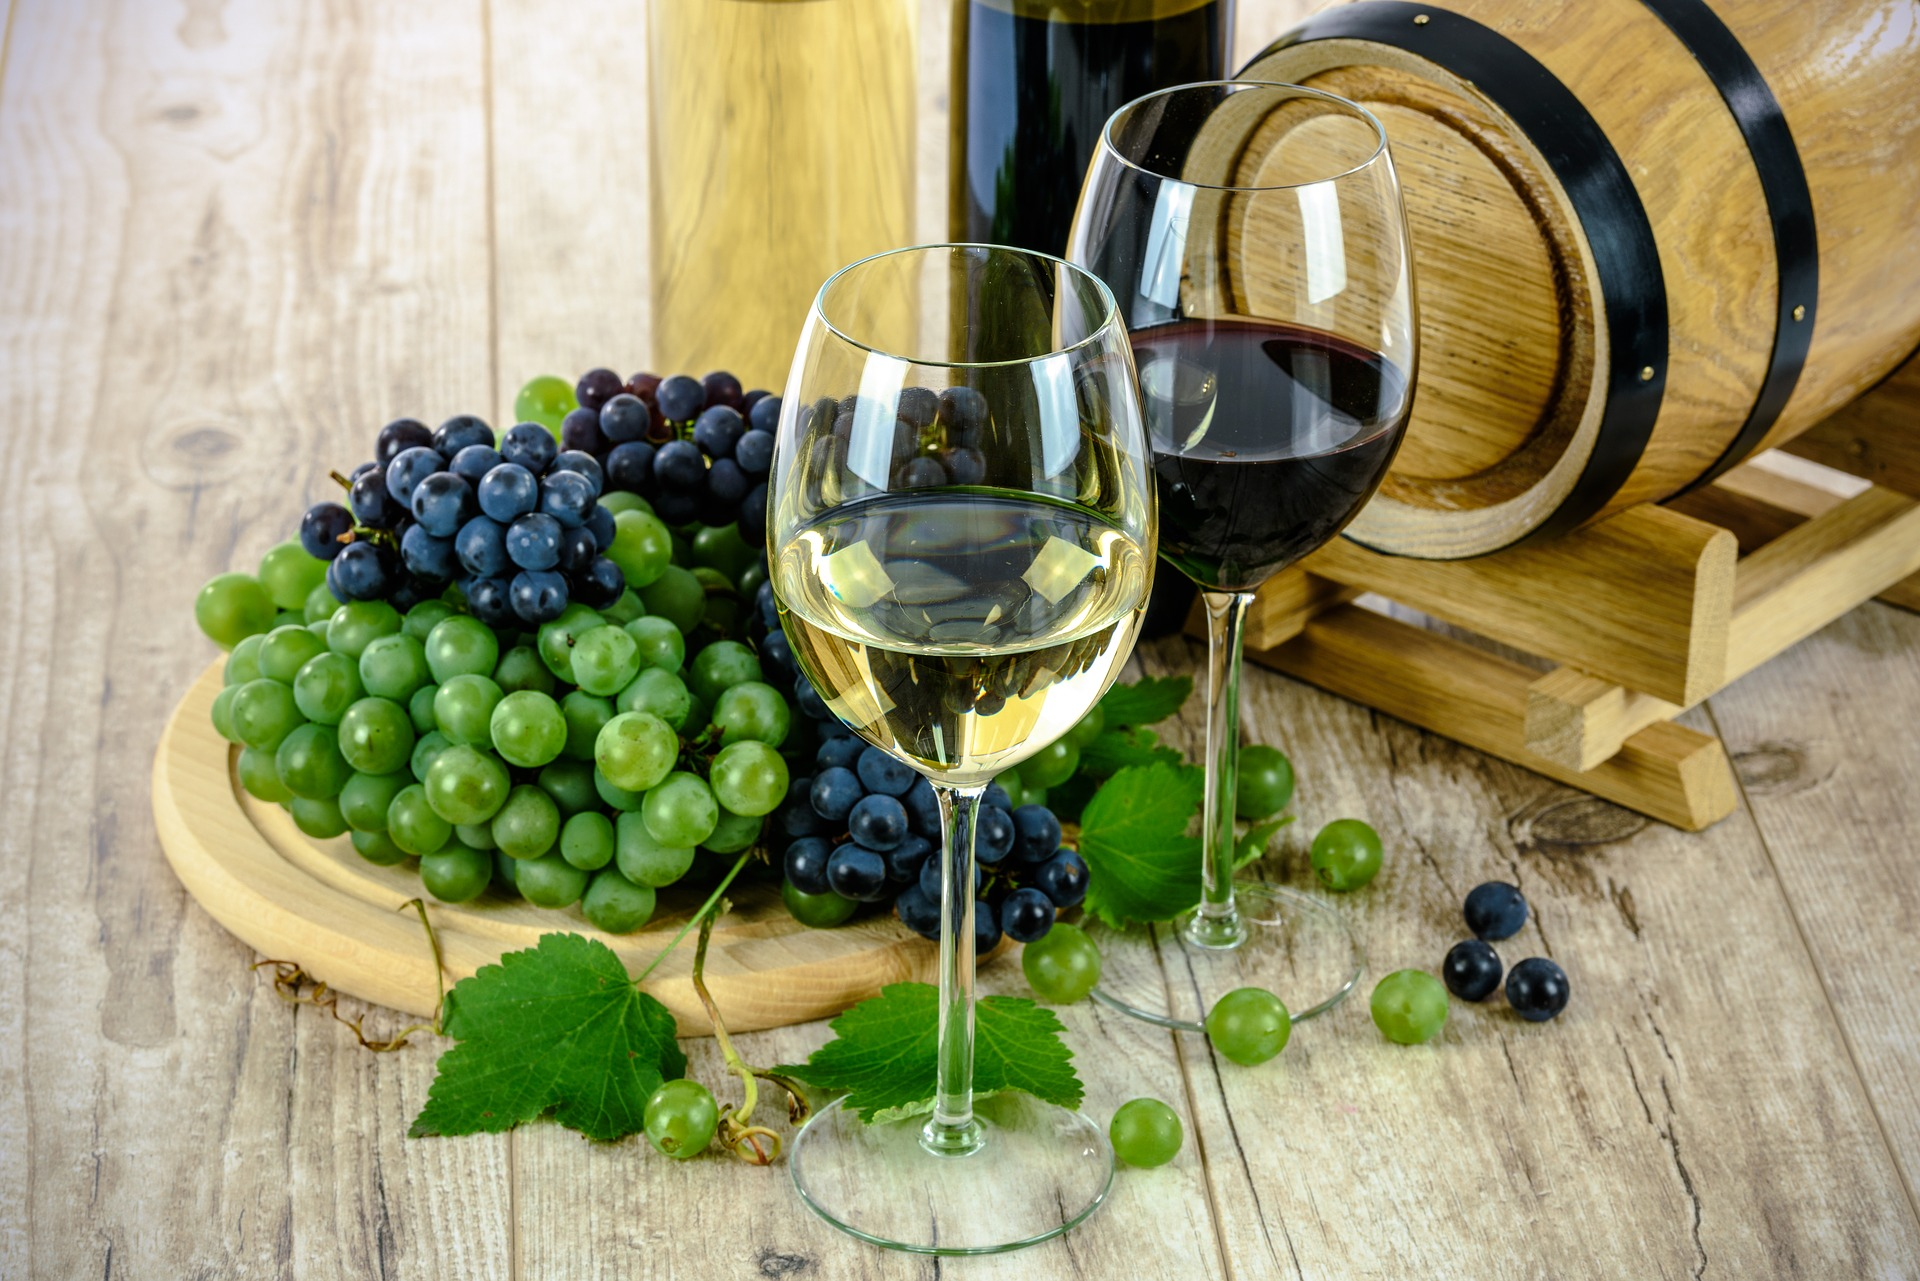 uvas moradas y verdes detrás de dos copas una con vino blanco y otra con vino tinto